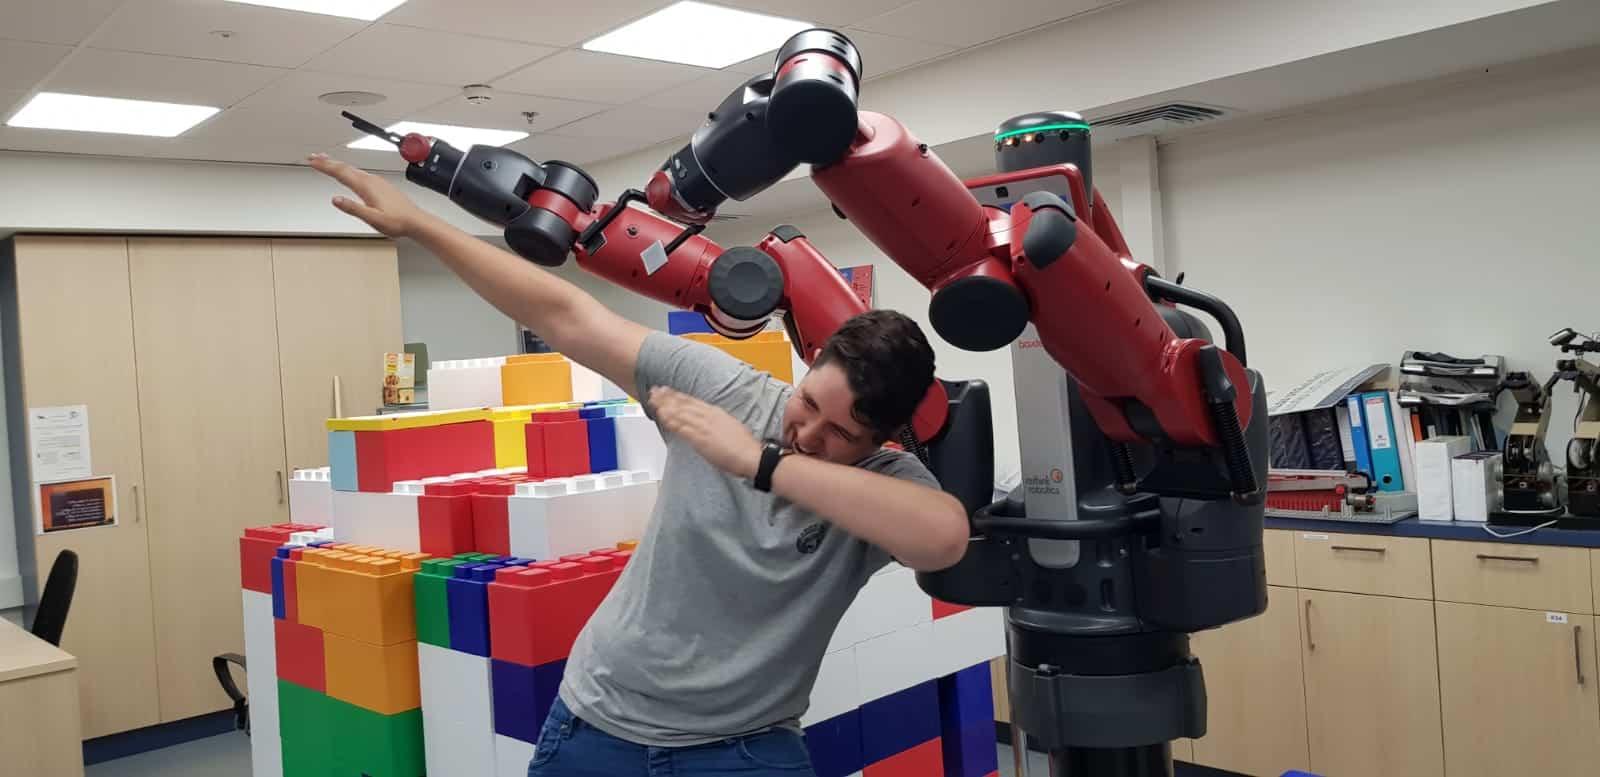 """תלמידי """"חוגים"""" ישתתפו בפרוייקט ללימודי רובוטיקה שפותח ב-MIT  שבבוסטון ובטכניון"""